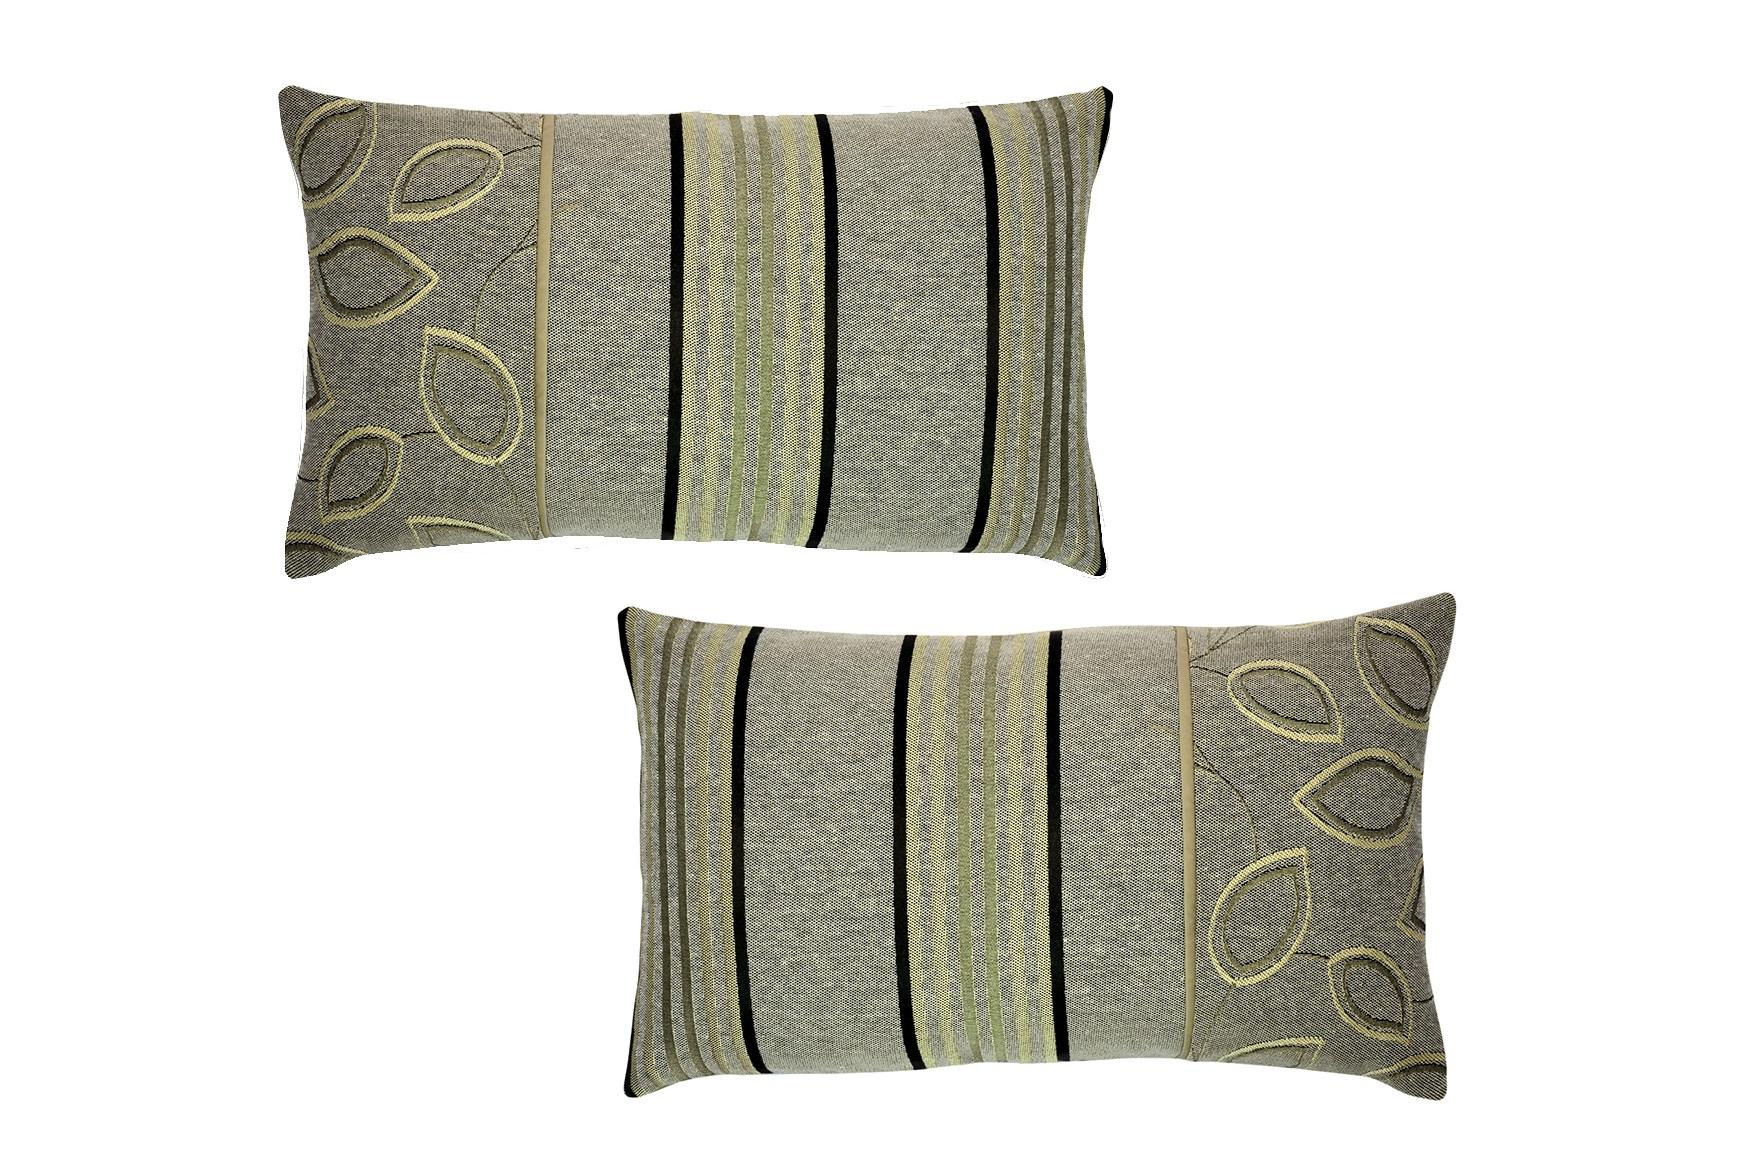 Комплект подушек Spring Leaf (2шт)Прямоугольные подушки и наволочки<br>Комплект декоративных  подушек. Чехол съемный.<br><br>Material: Вискоза<br>Length см: None<br>Width см: 50<br>Depth см: 15<br>Height см: 30